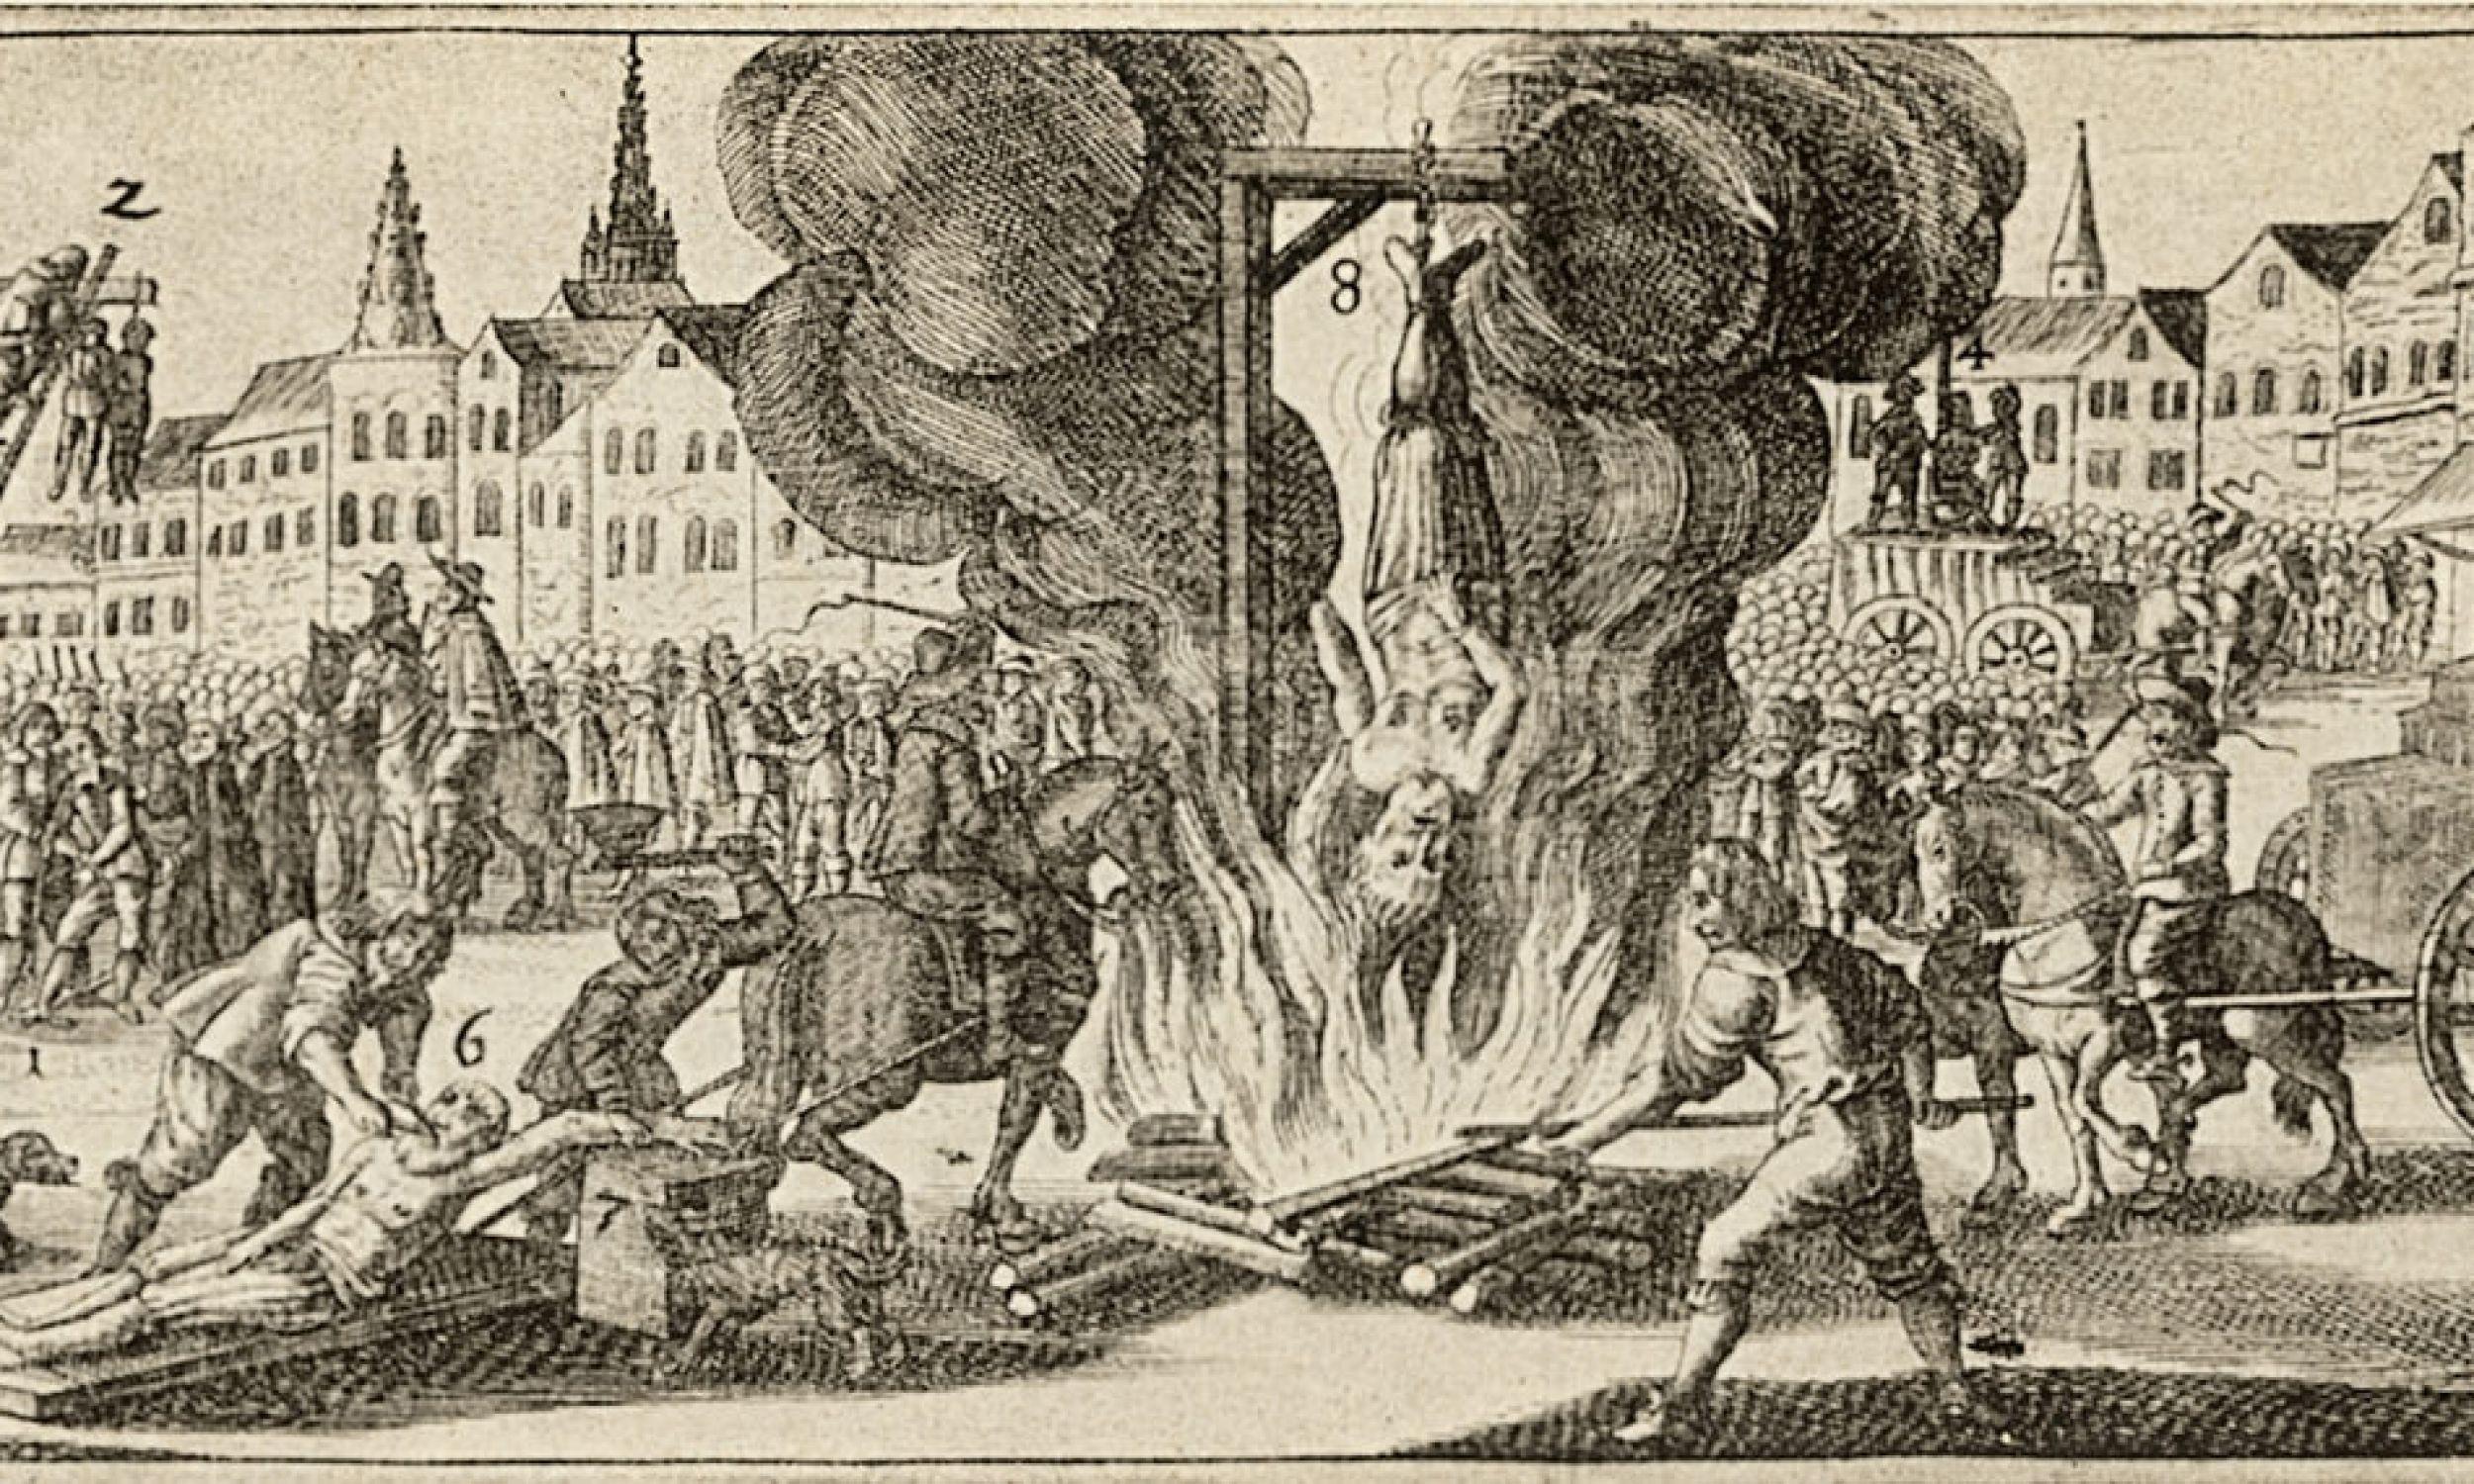 Egzekucja Ferdynanda Franza Engelbergera jako Żyda Chazzima z Engelbergu w Czechach, 1642 r. Rycina. Fot. Imagno/Getty Images